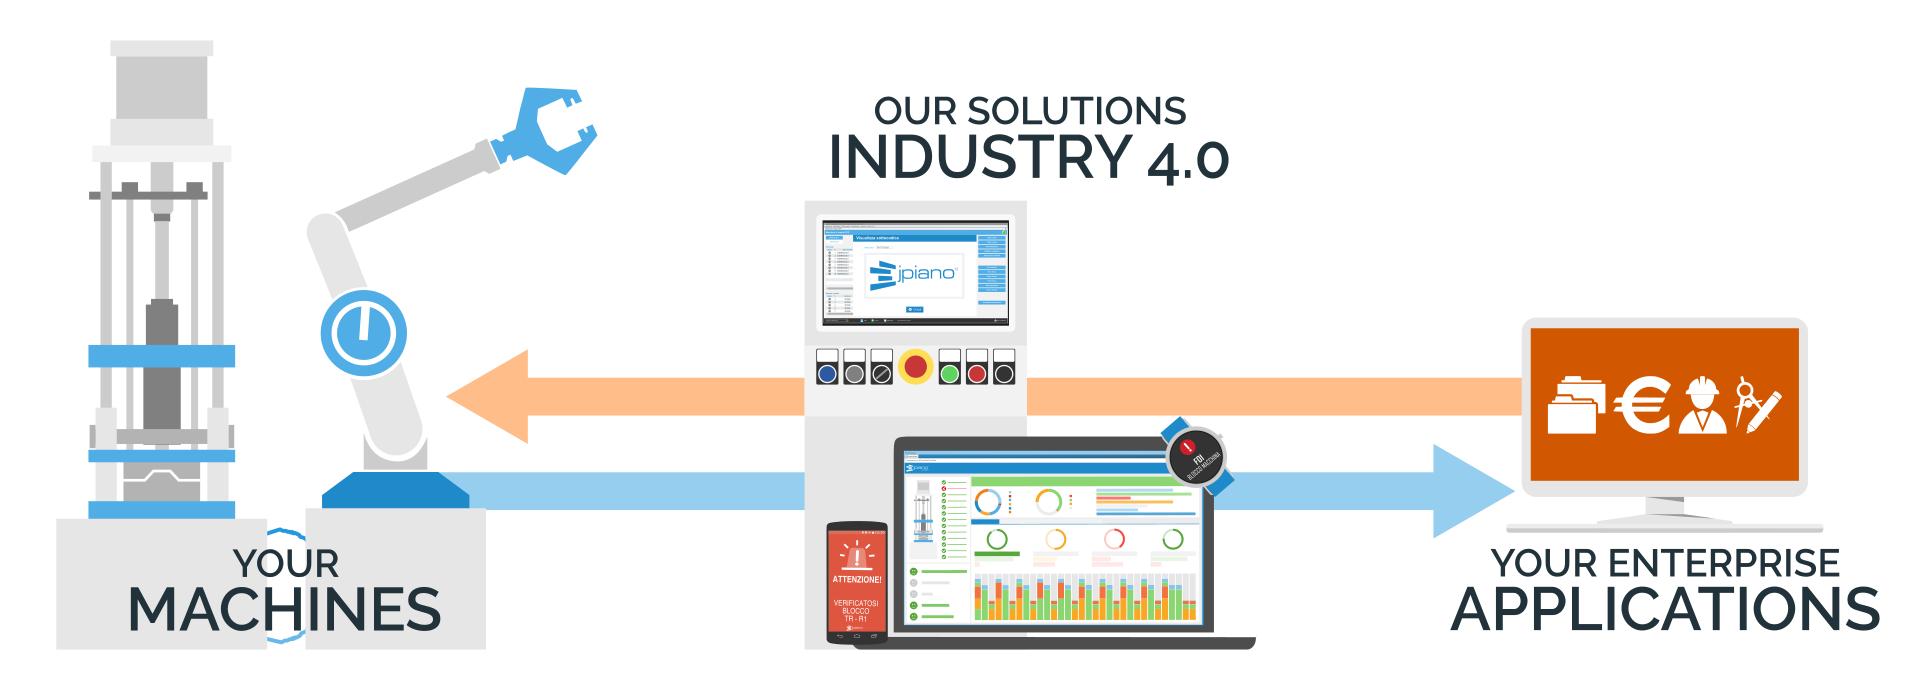 AEC Soluzioni Industria 4.0 cosa facciamo